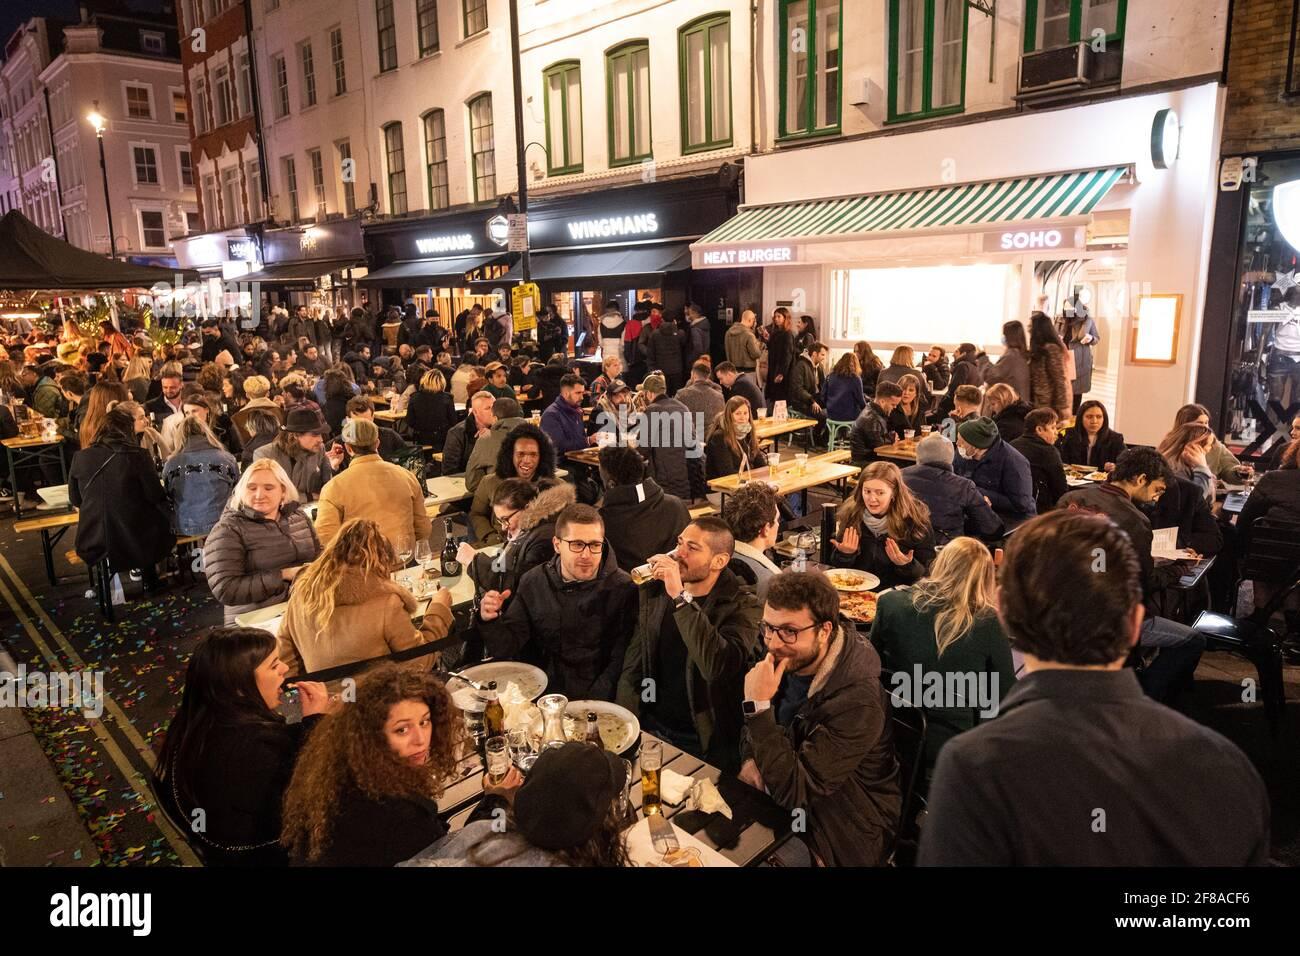 Londres, Royaume-Uni. 13 avril 2021. Les gens se rassemblent à Soho, Londres, où les rues étaient fermées à la circulation alors que les bars et les restaurants ouvraient pour manger et boire à l'extérieur, tandis que les mesures de confinement sont assouplies dans tout le Royaume-Uni. Date de la photo: Mardi 13 avril 2021. Le crédit photo devrait se lire: Matt Crossick/Empics/Alamy Live News Banque D'Images